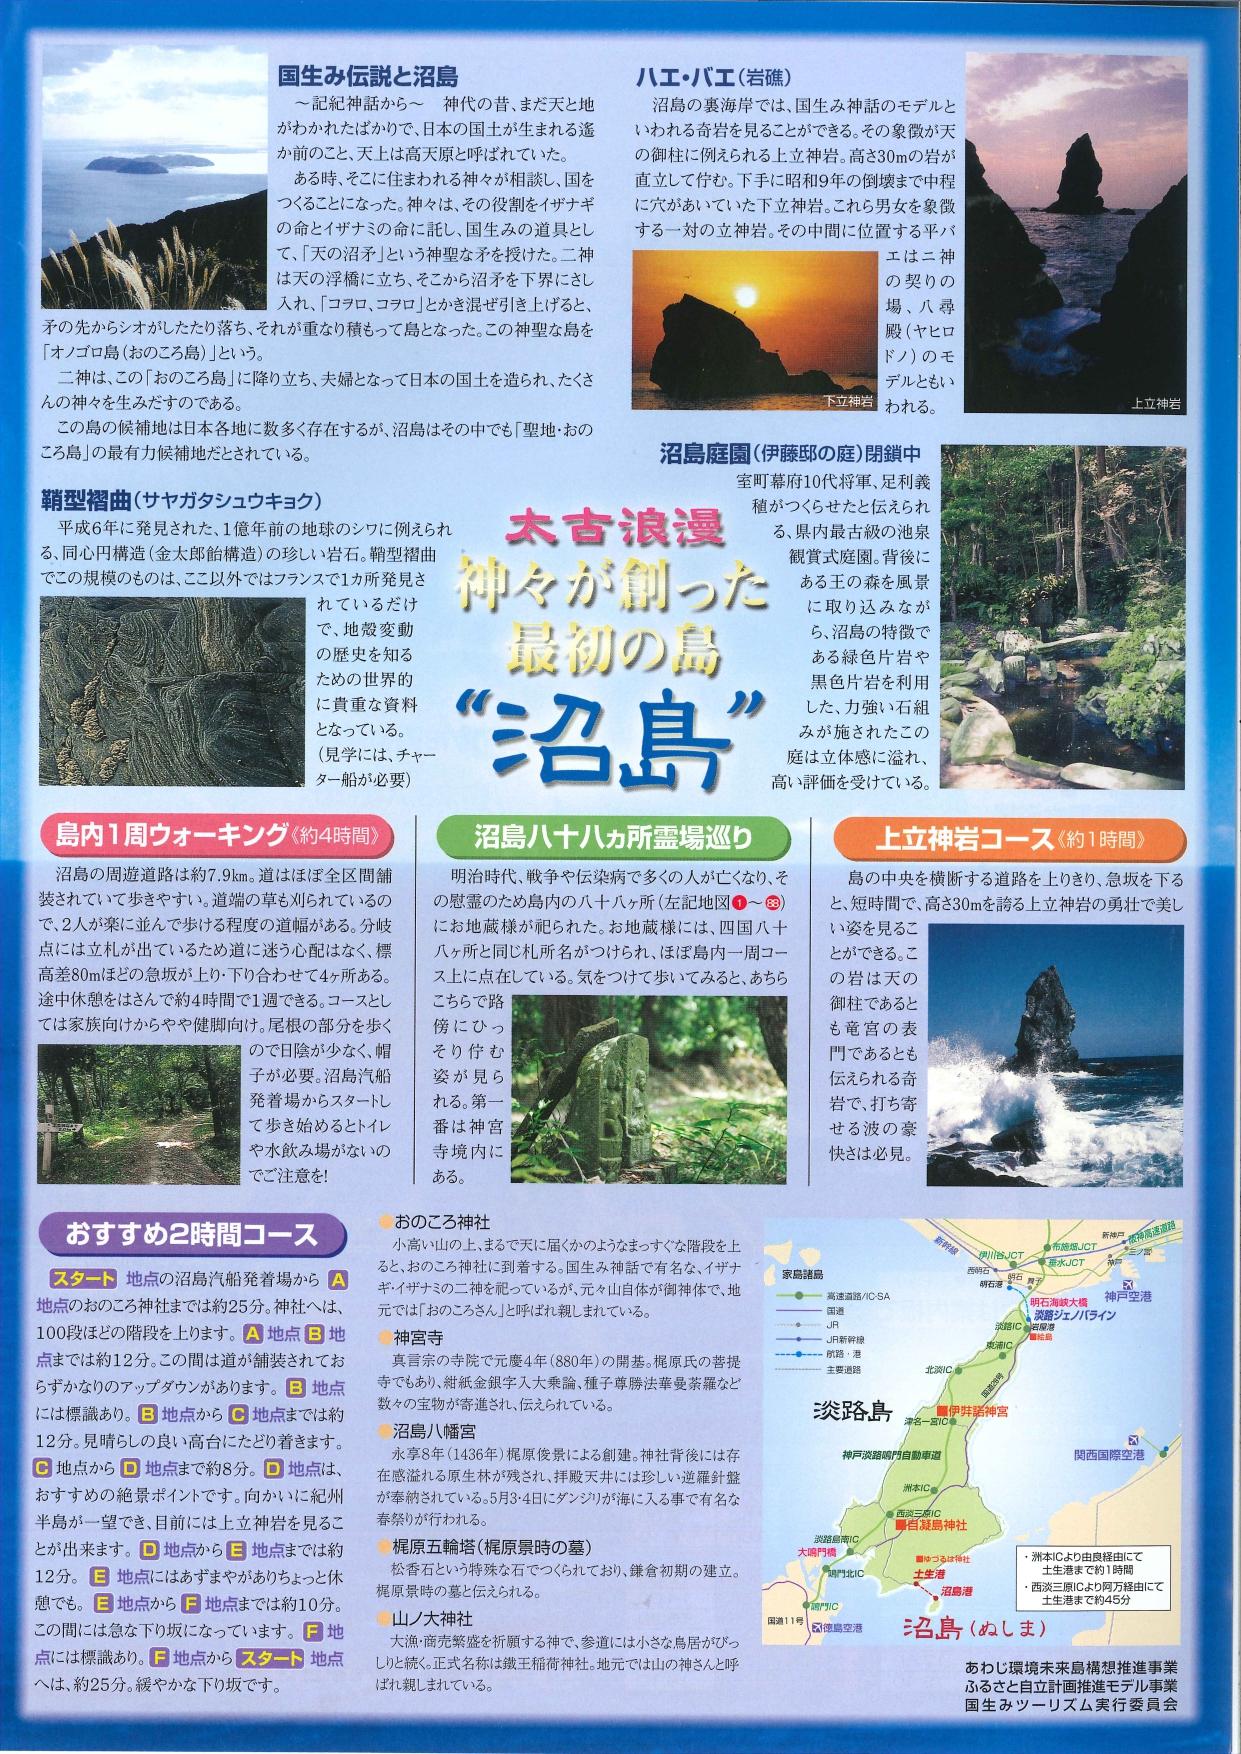 ガイドマップ4